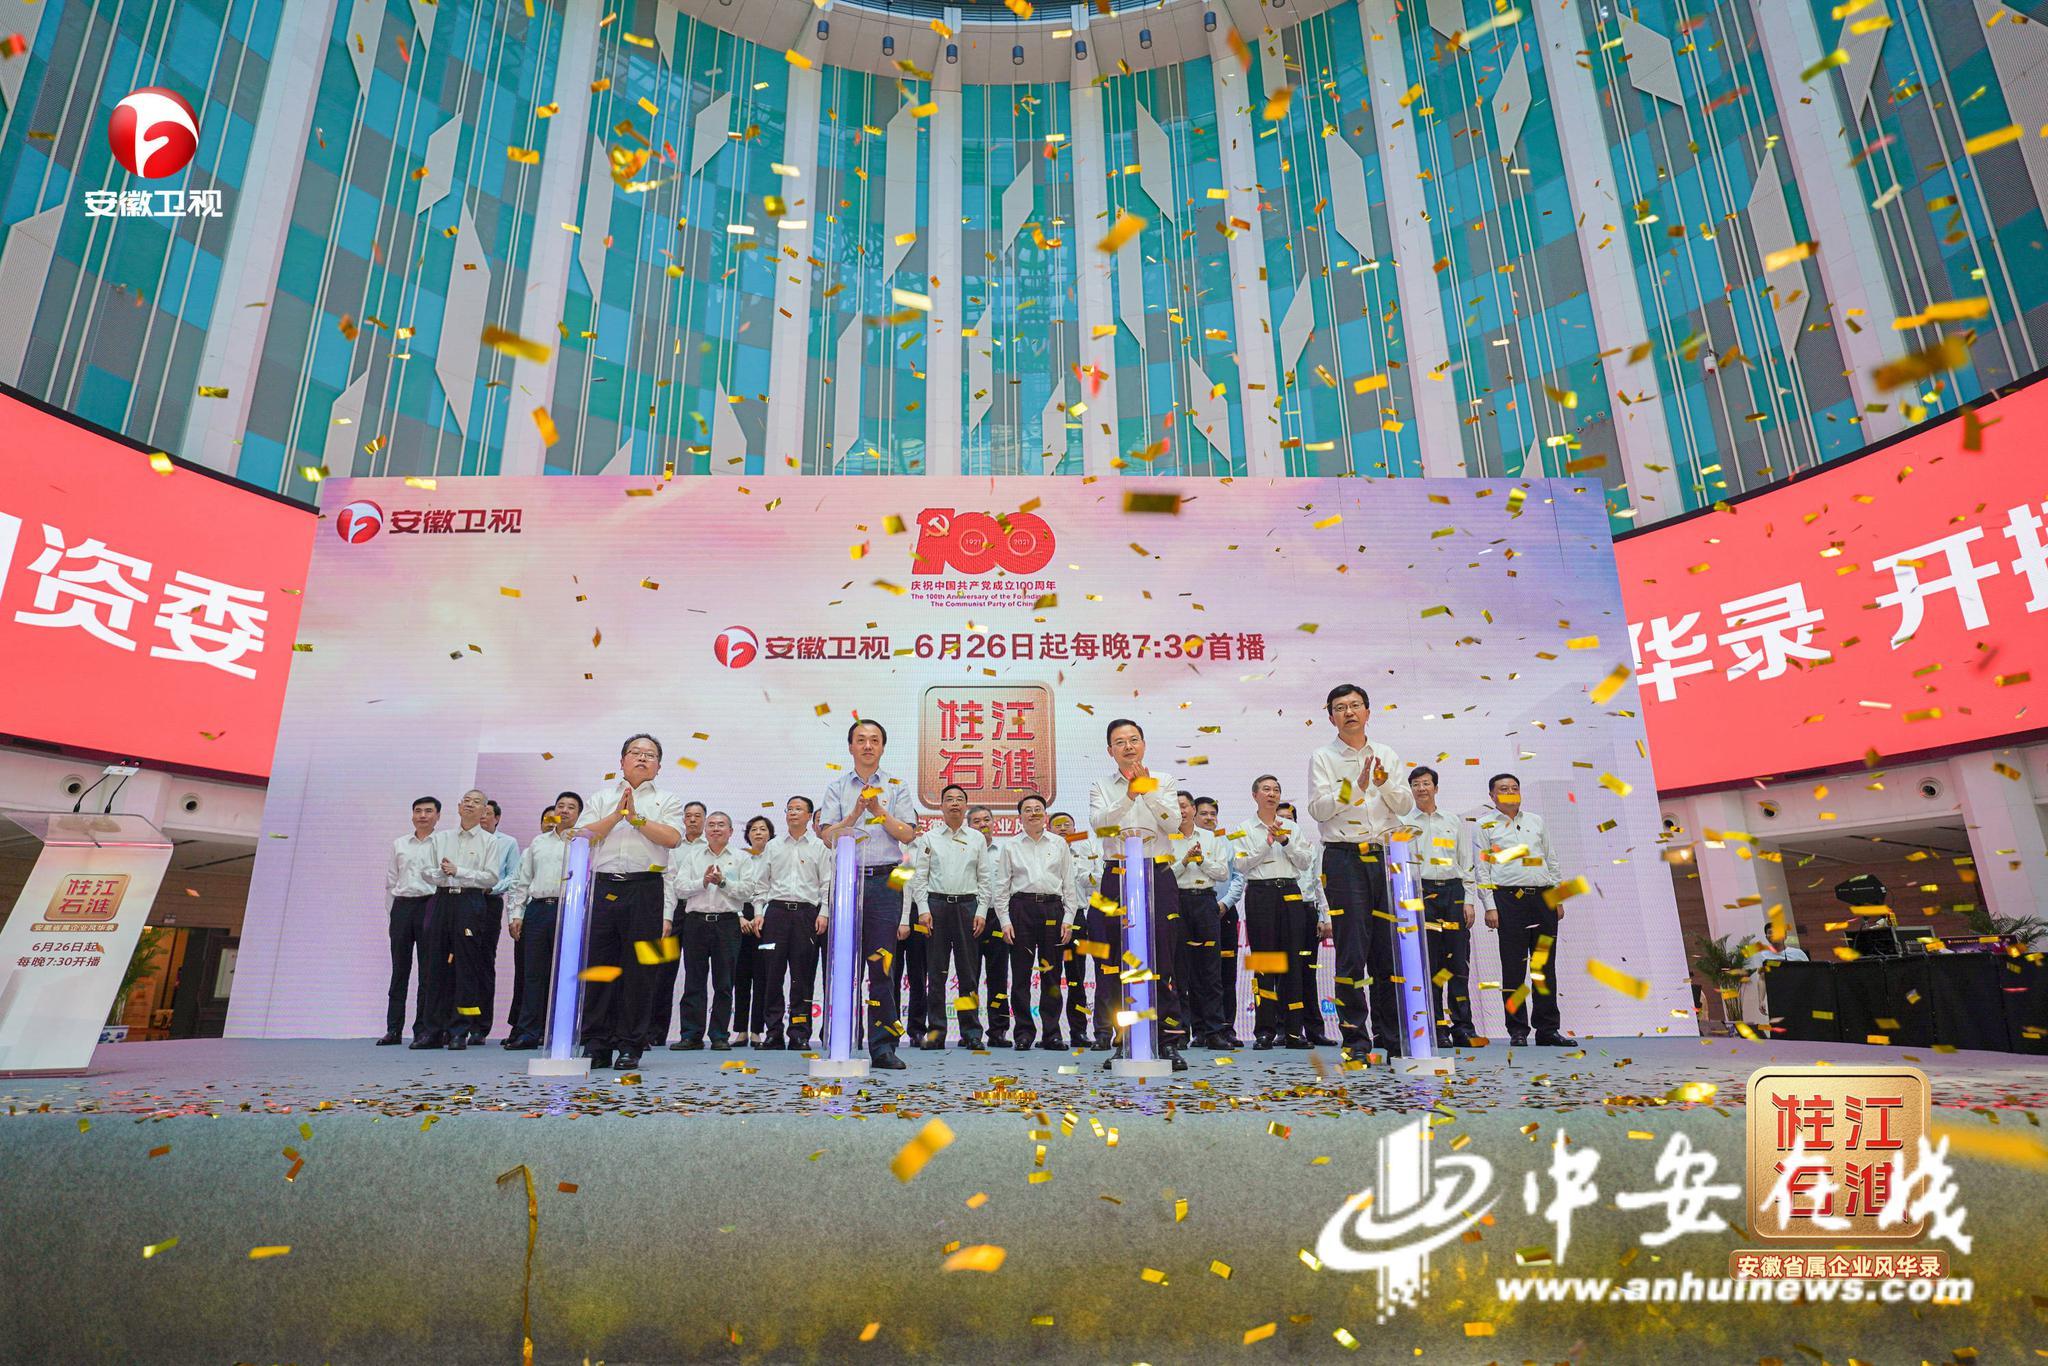 安徽省属企业风华录《江淮柱石》将于6月26日在安徽卫视播出